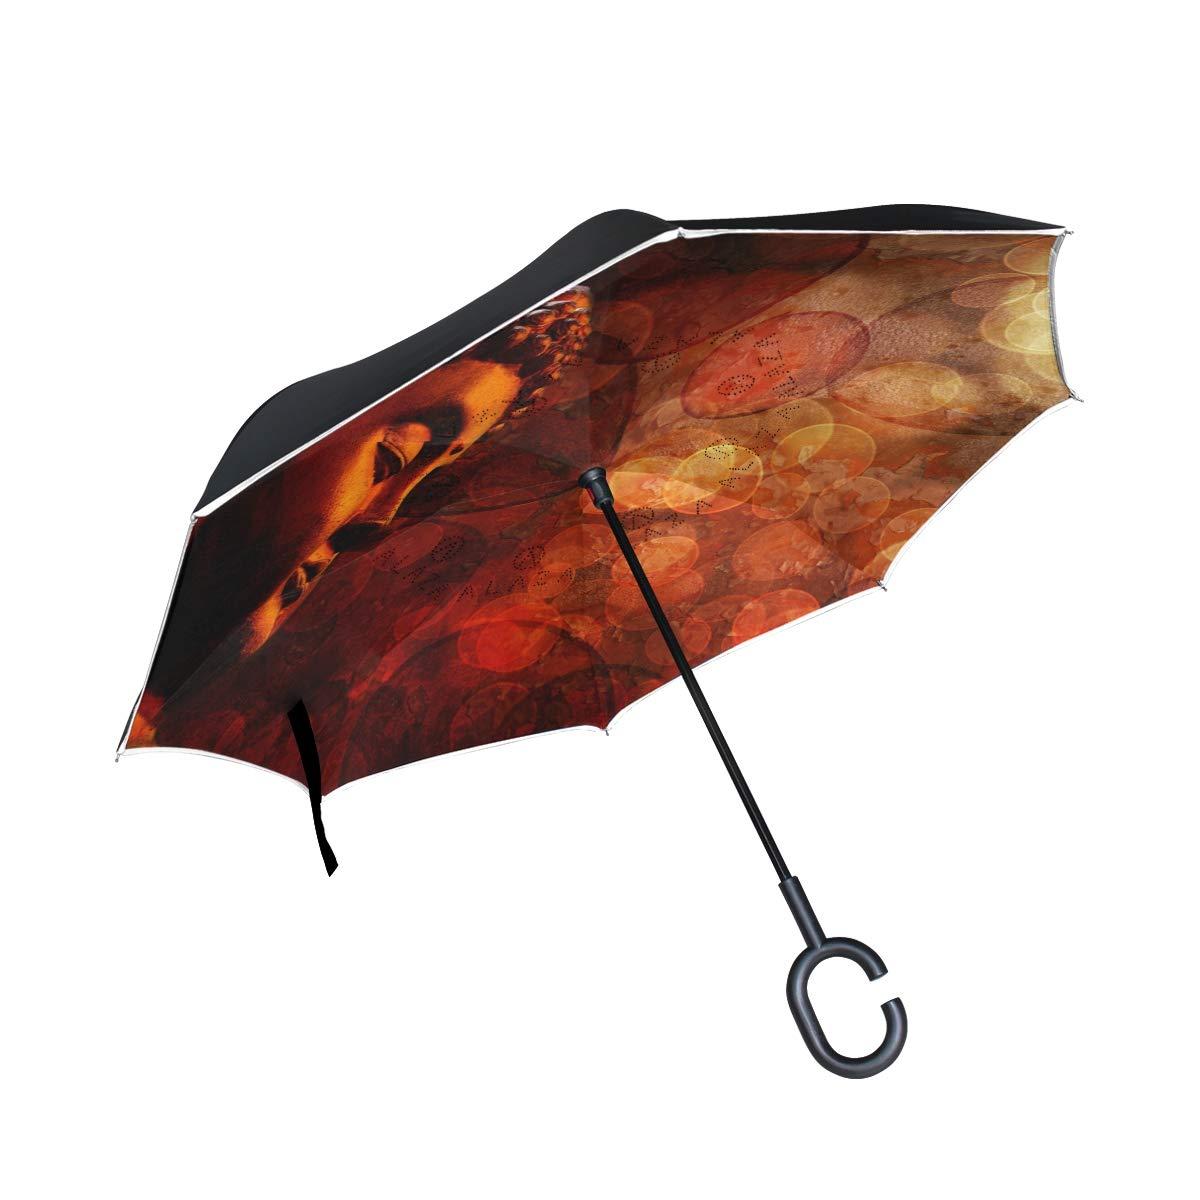 ONELUCA ブロンズ禅仏像 瞑想 ぼやけた車 リバースゴルフ傘 二重層逆折り傘 C型ハンドル アウトドア旅行用   B07S5KQQ8B